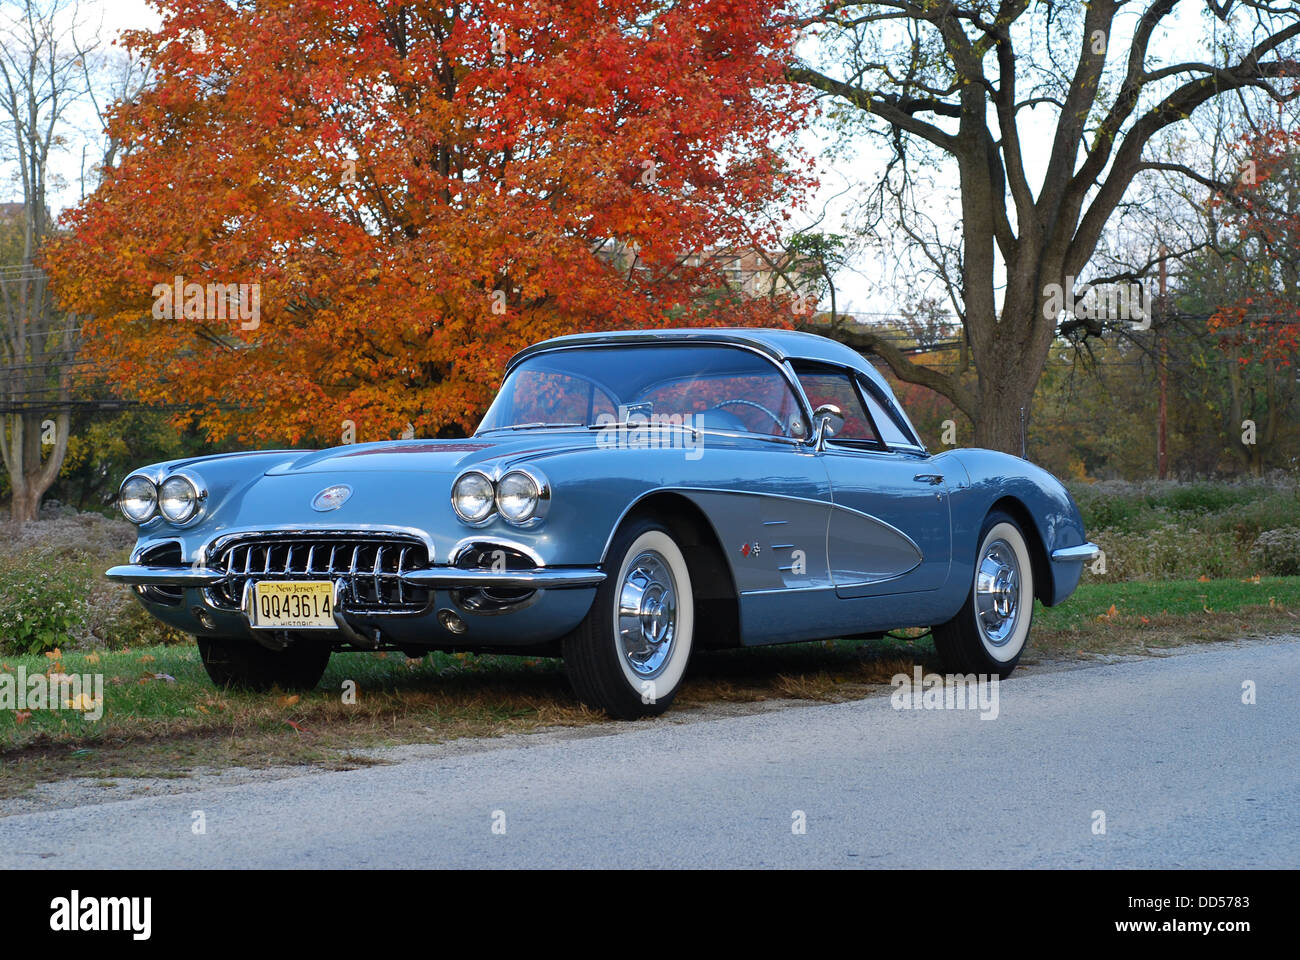 Kelebihan Corvette 1962 Spesifikasi